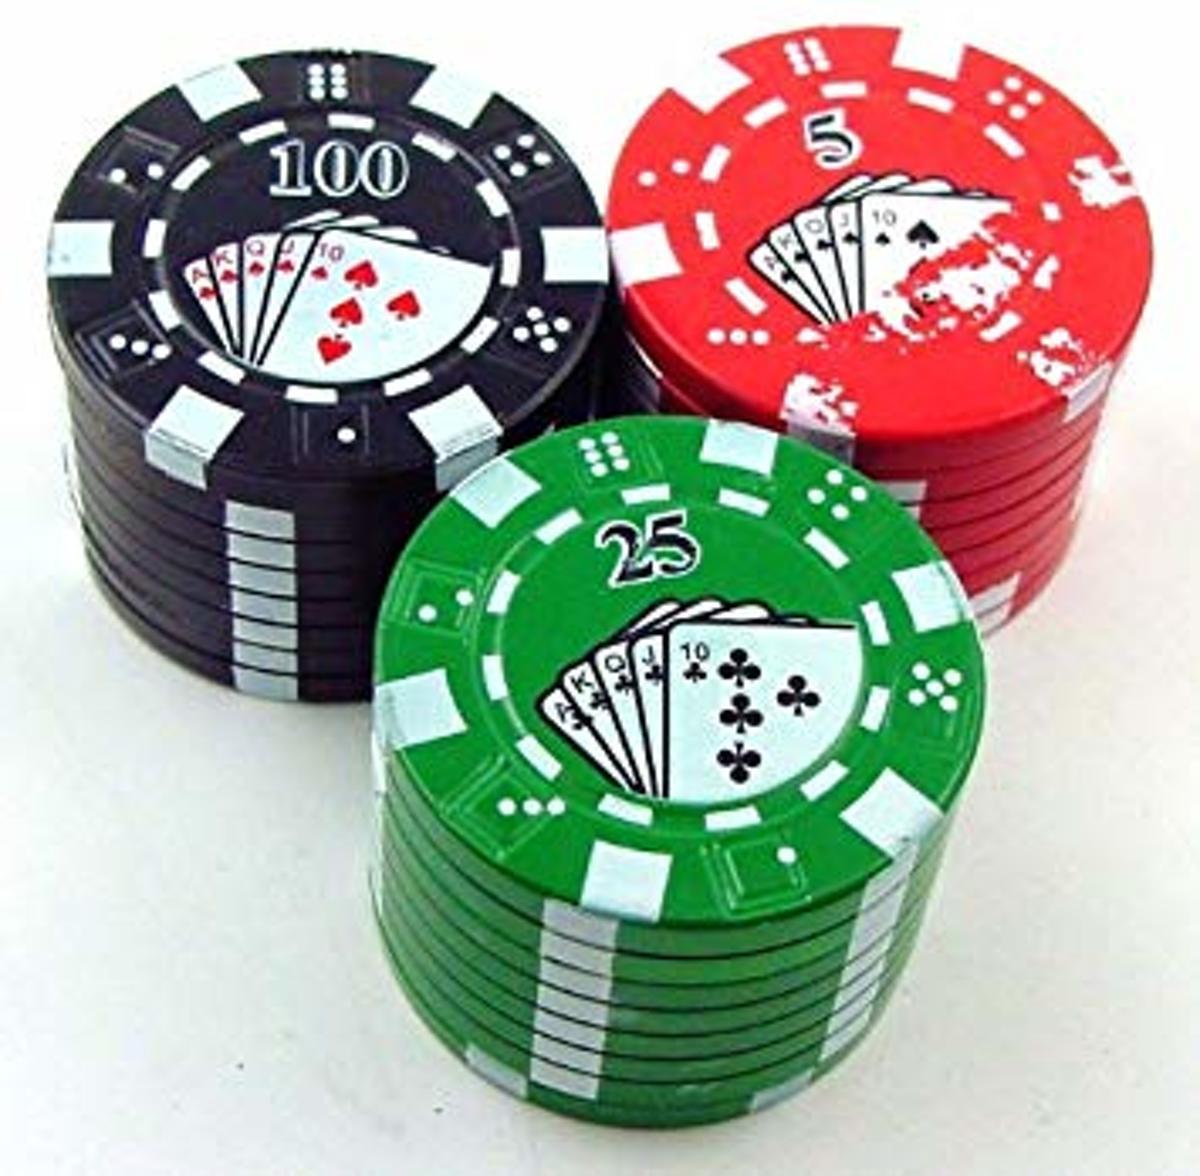 Grinder Poker Chip - scherpe tandjes - wiet - kopen